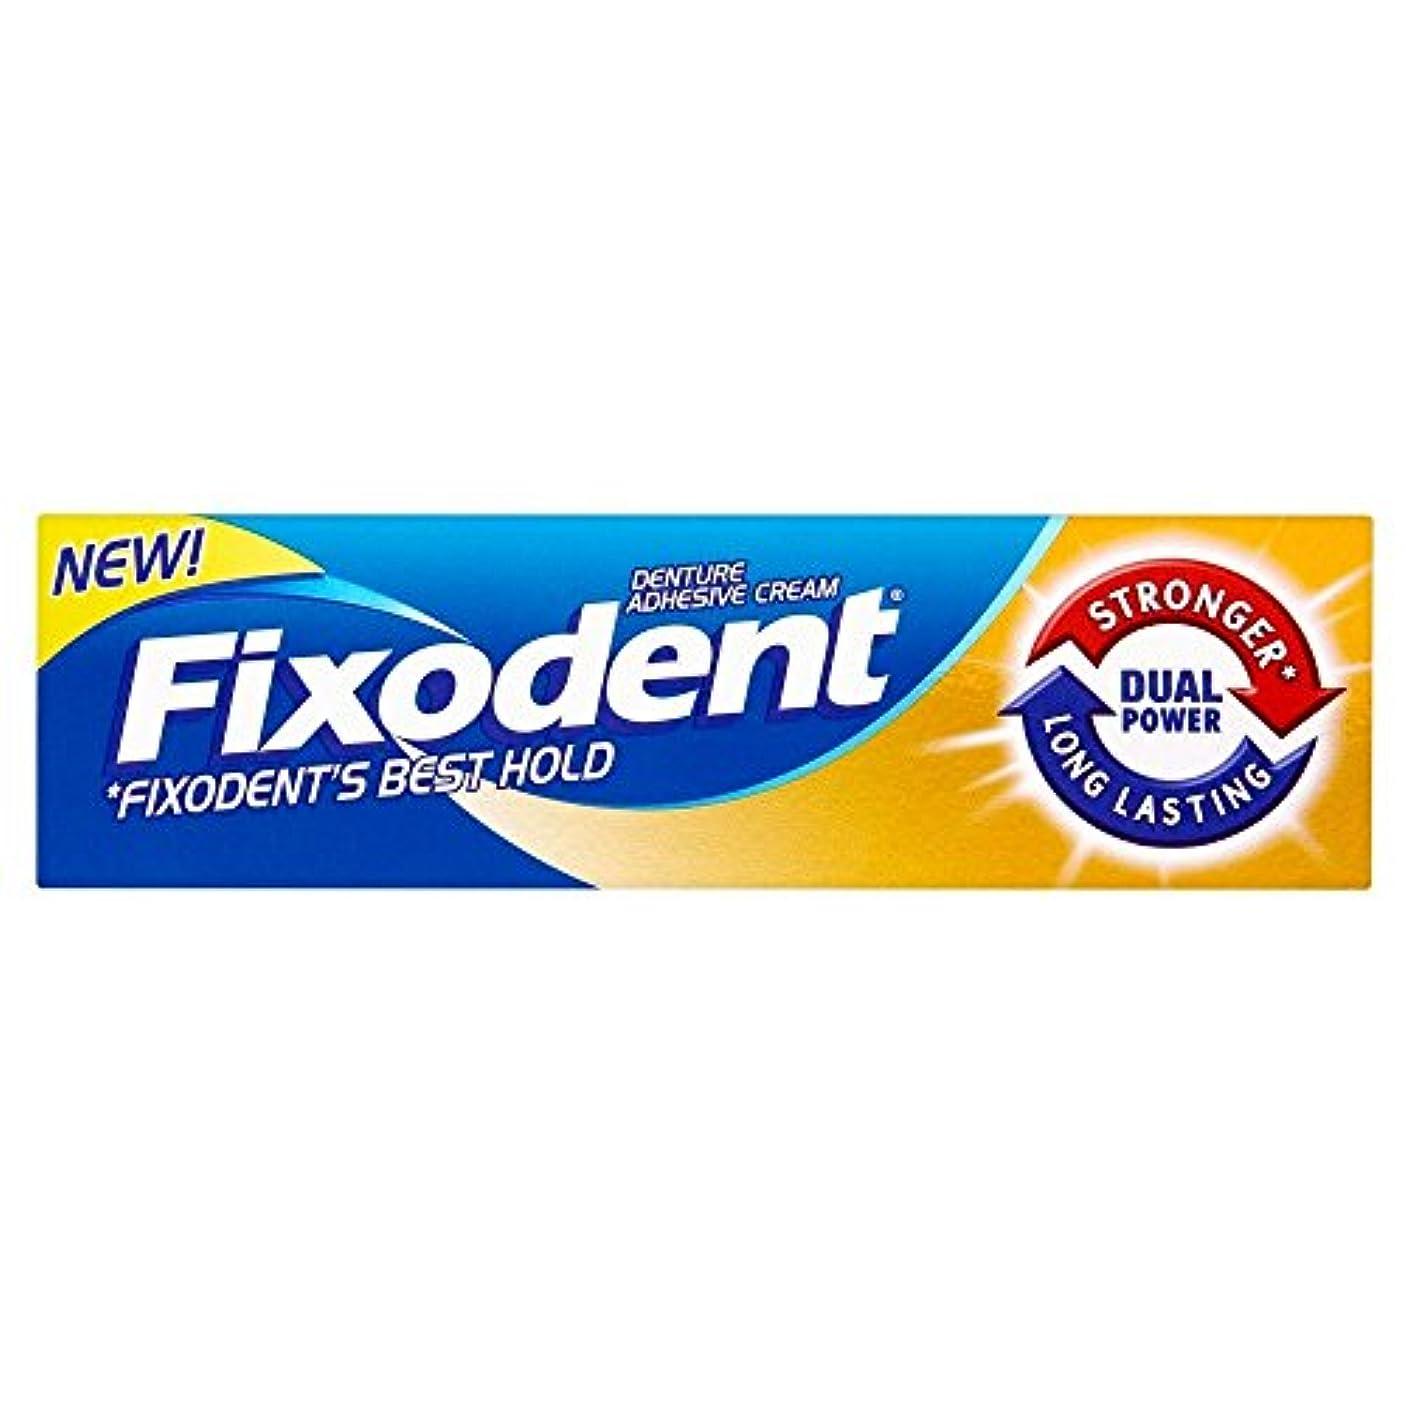 化合物重要時々Fixodent Denture Adhesive Cream Dual Power (35ml) Fixodent義歯接着剤クリームデュアルパワー( 35ミリリットル) [並行輸入品]